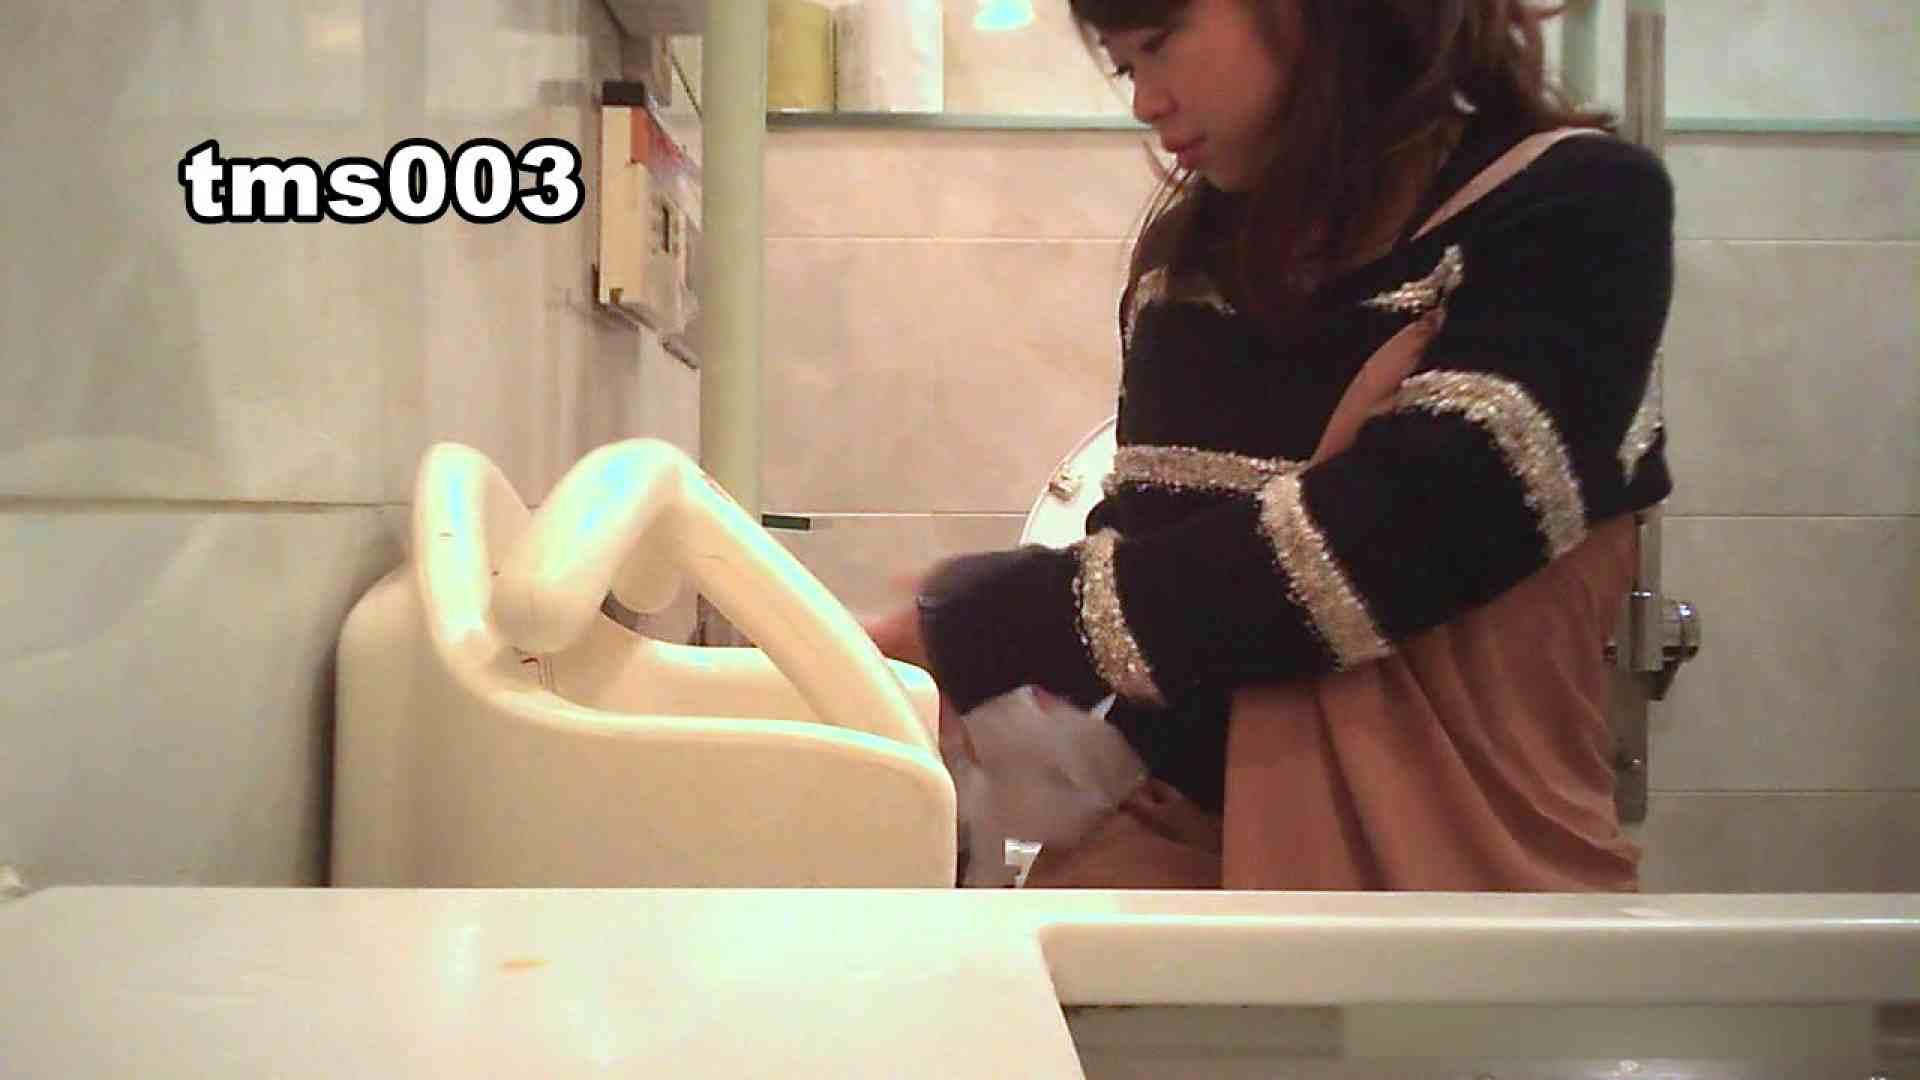 トイメンの割れ目 vol.003 盛合せ オマンコ無修正動画無料 104枚 98